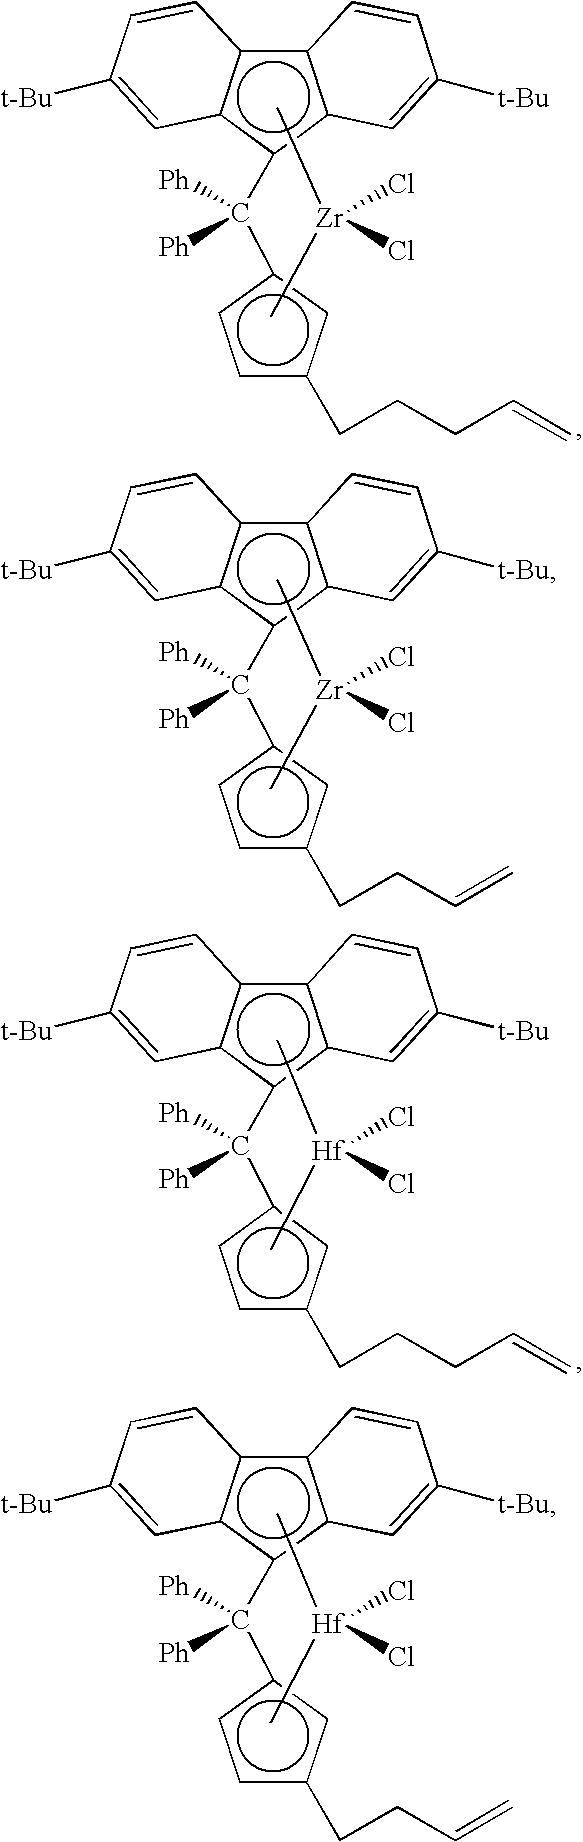 Figure US07619047-20091117-C00056